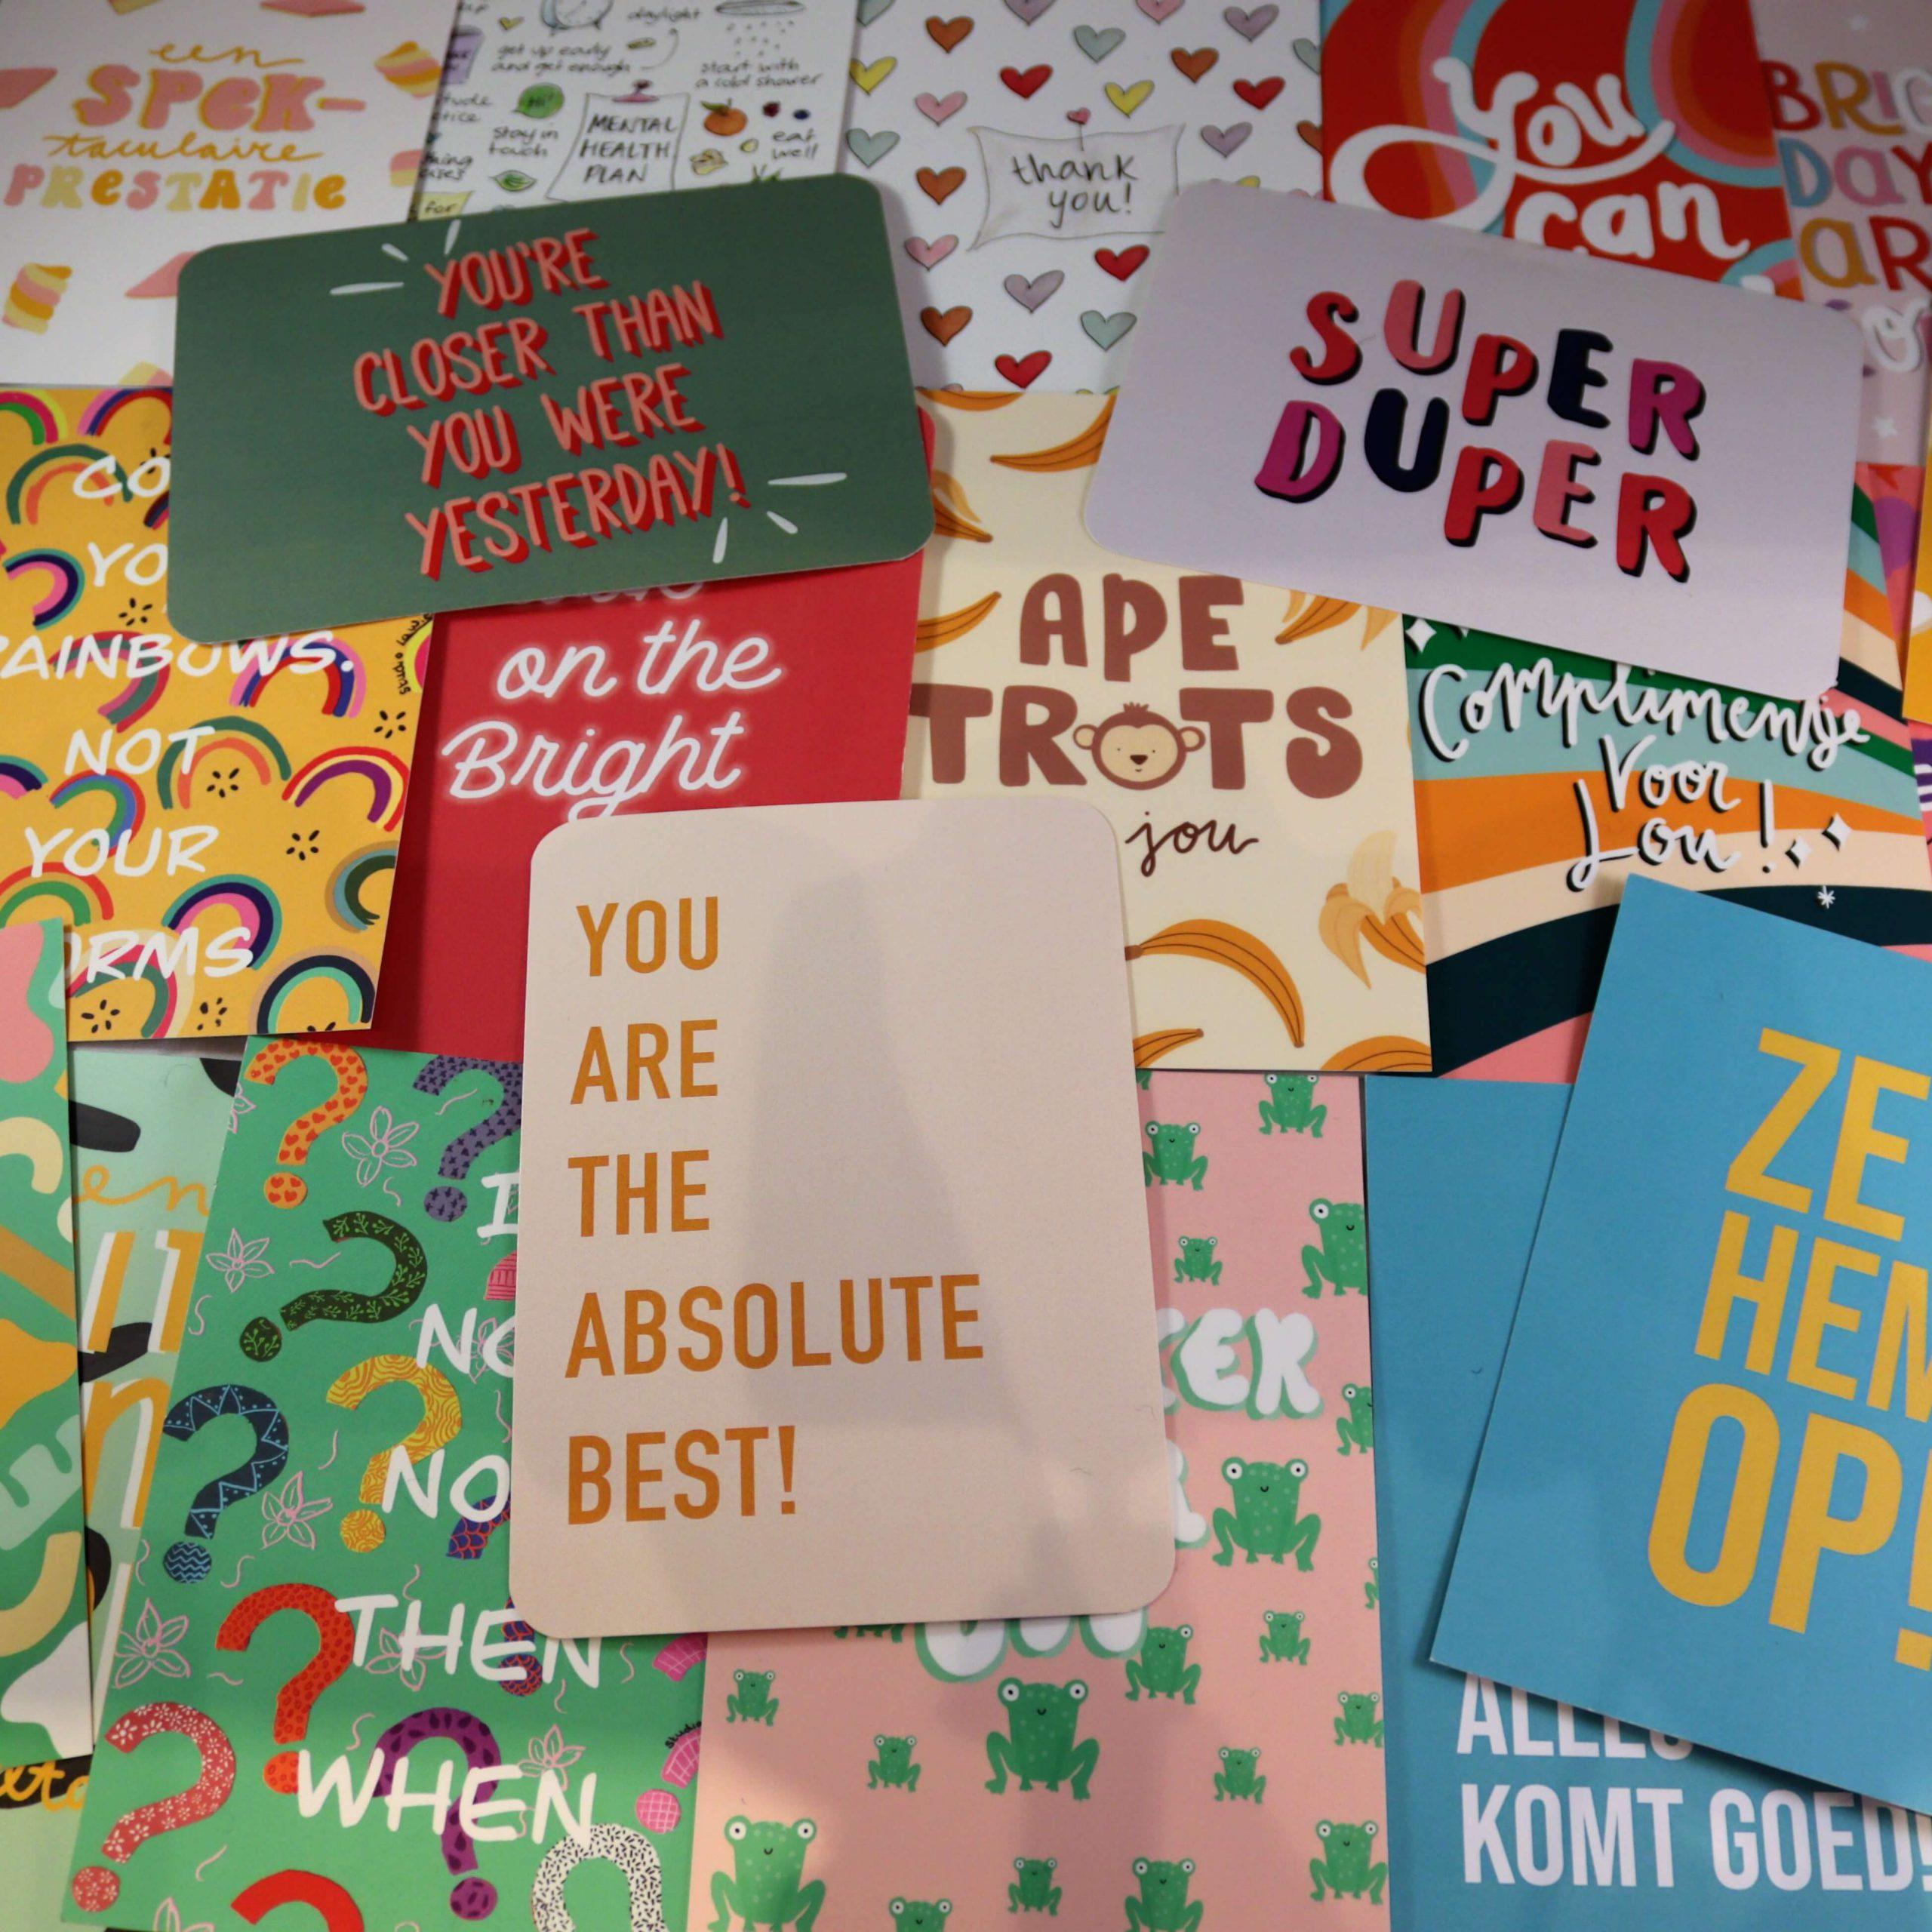 kaarten_gelegenheden_motivatie_inspireren_kaartjesturen_giftsbygötts